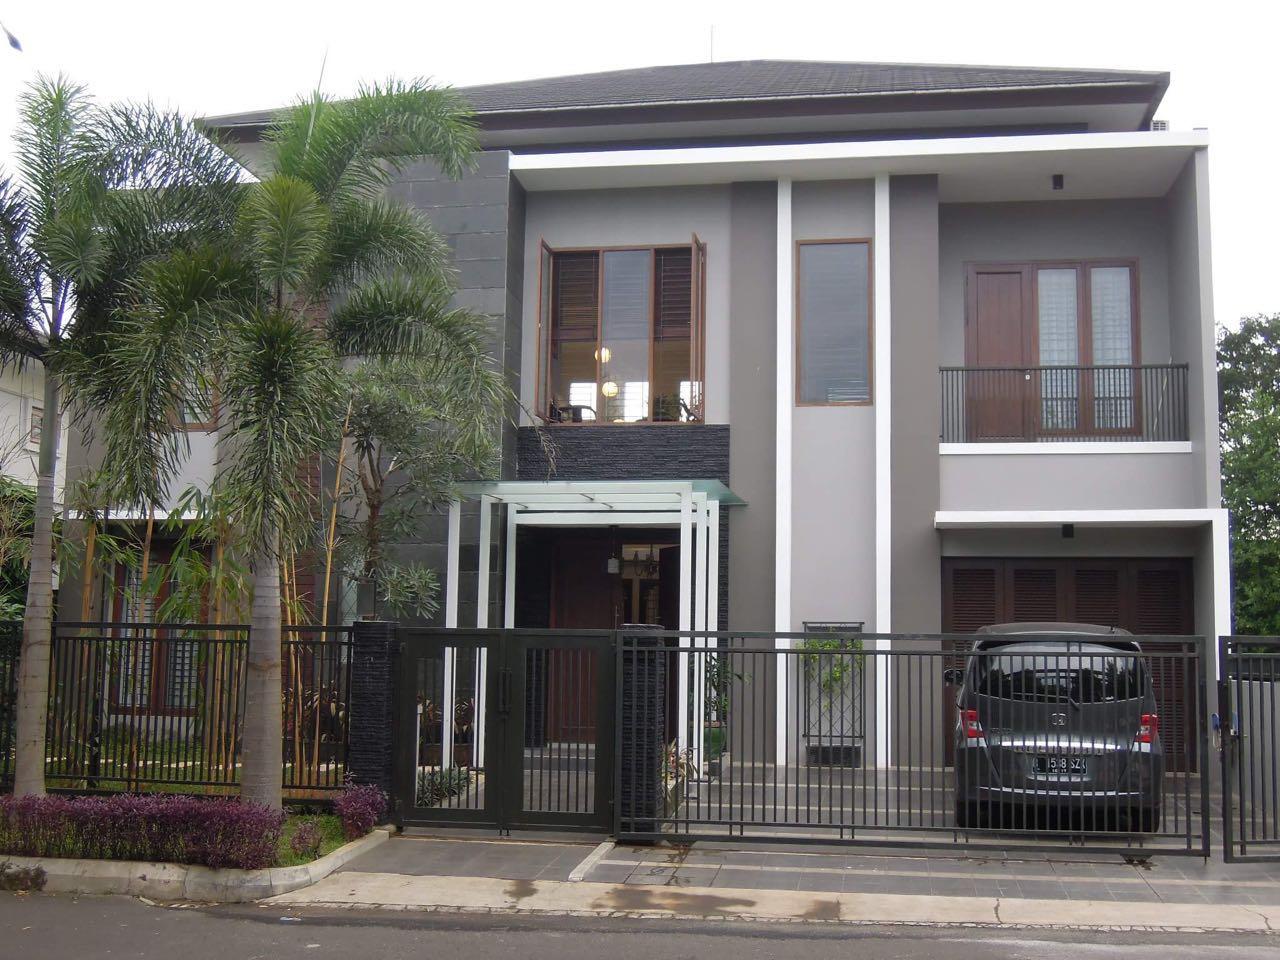 Dijual rumah bagus, siap huni di daerah menteng utama bintaro, tangsel.